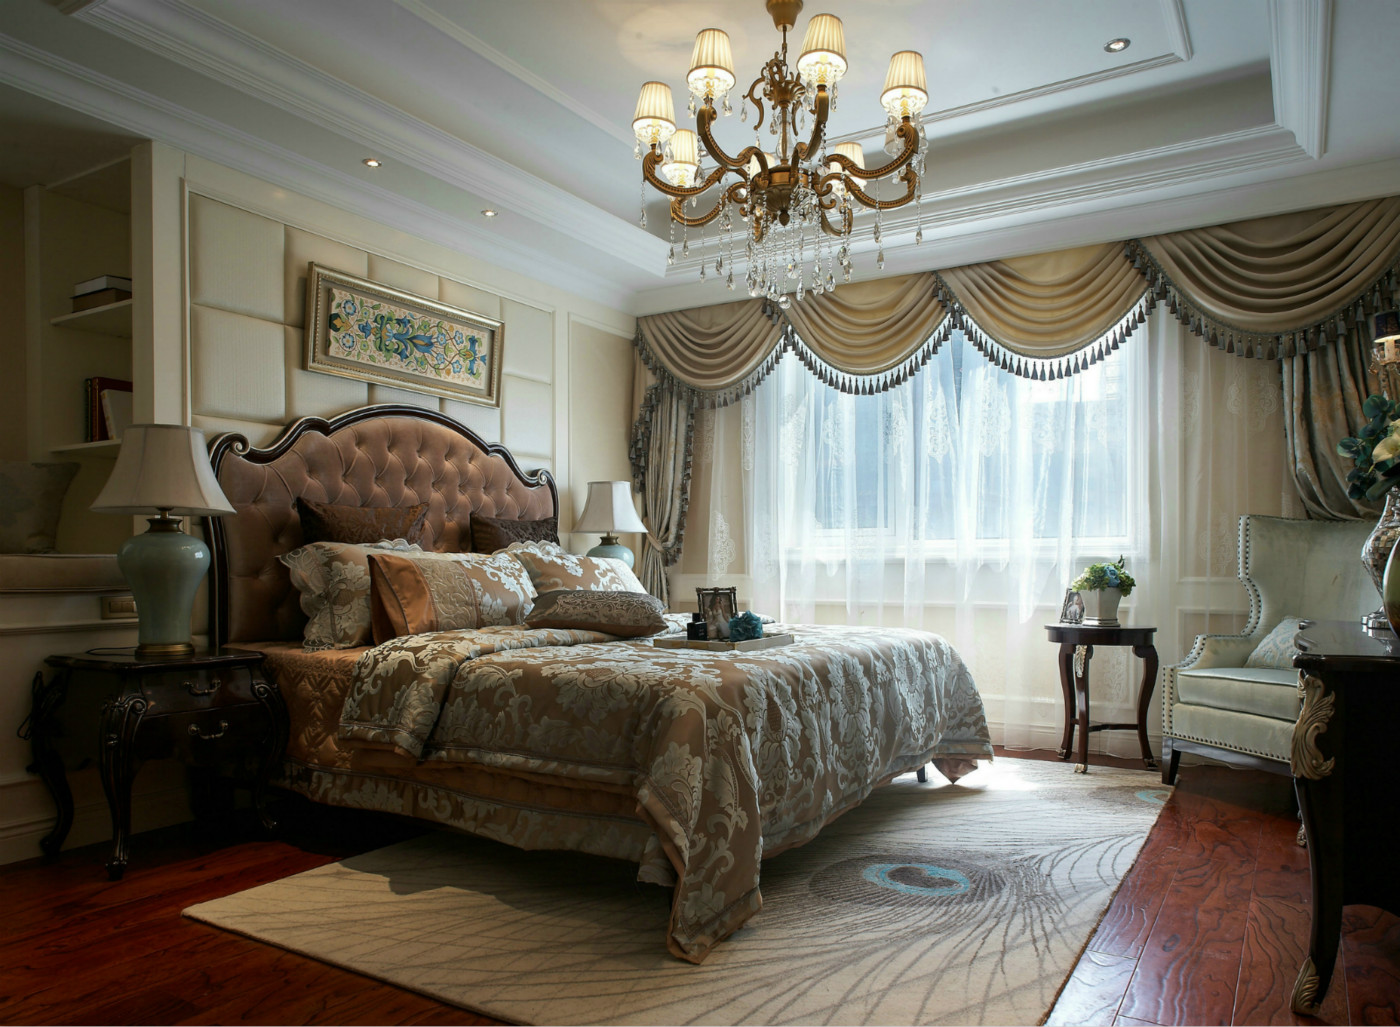 卧室从窗帘到床上用品以及吊灯等各方面的装饰,无不显示出主人的品味。